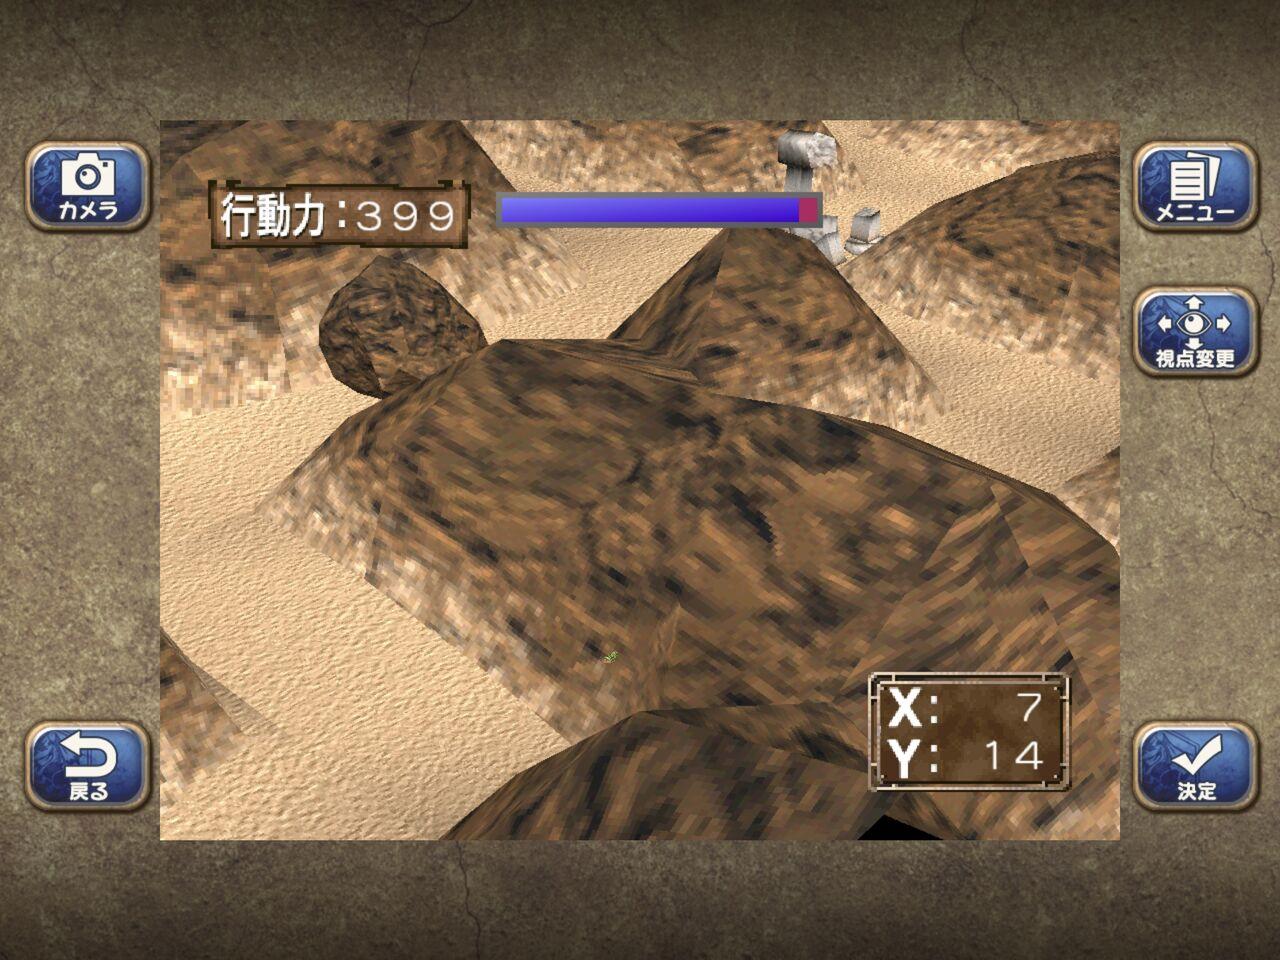 ファーム 火山 カウレア モンスター 2